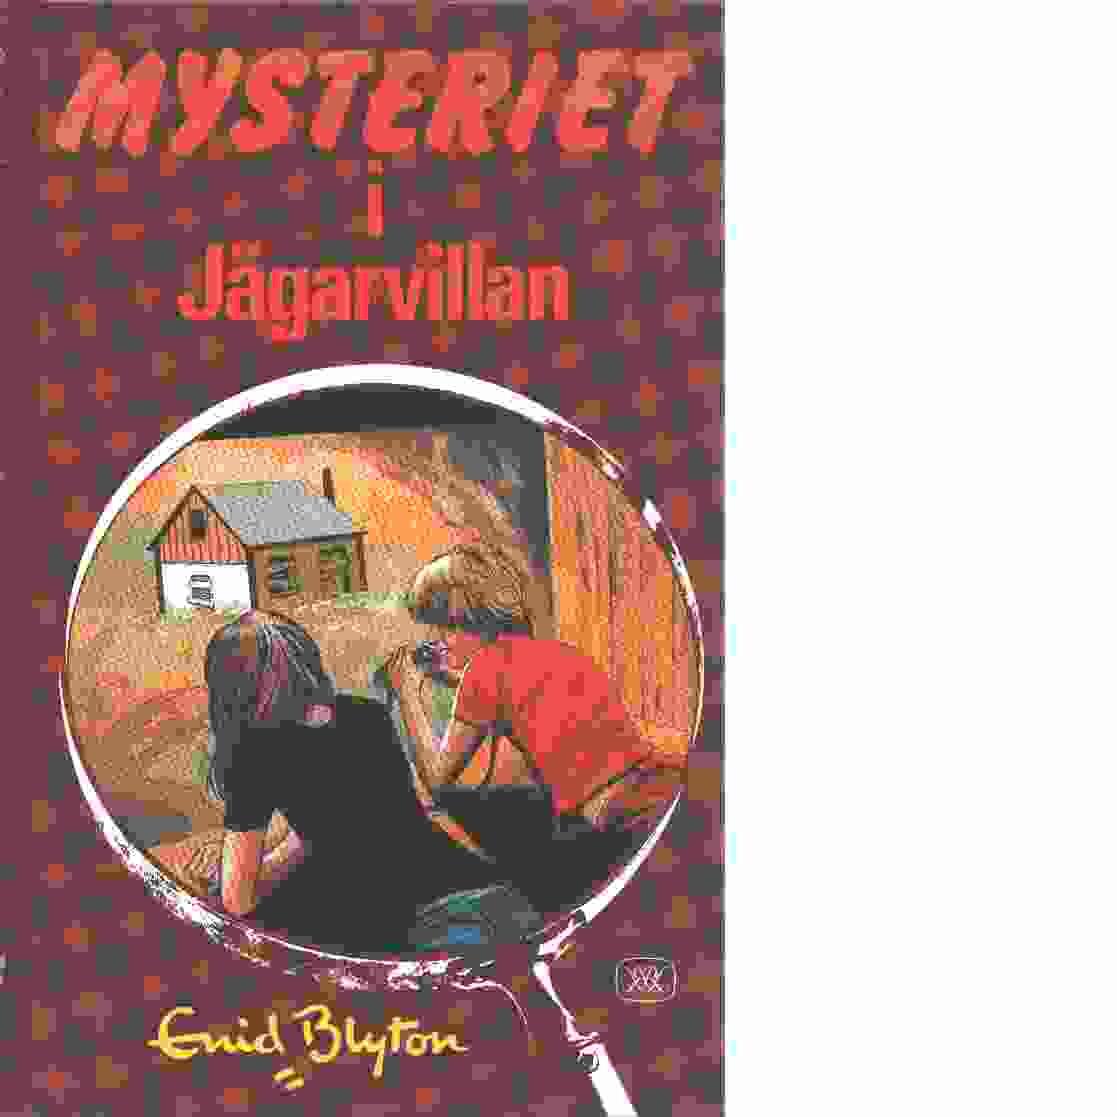 Mysteriet i Jägarvillan  - Blyton, Enid